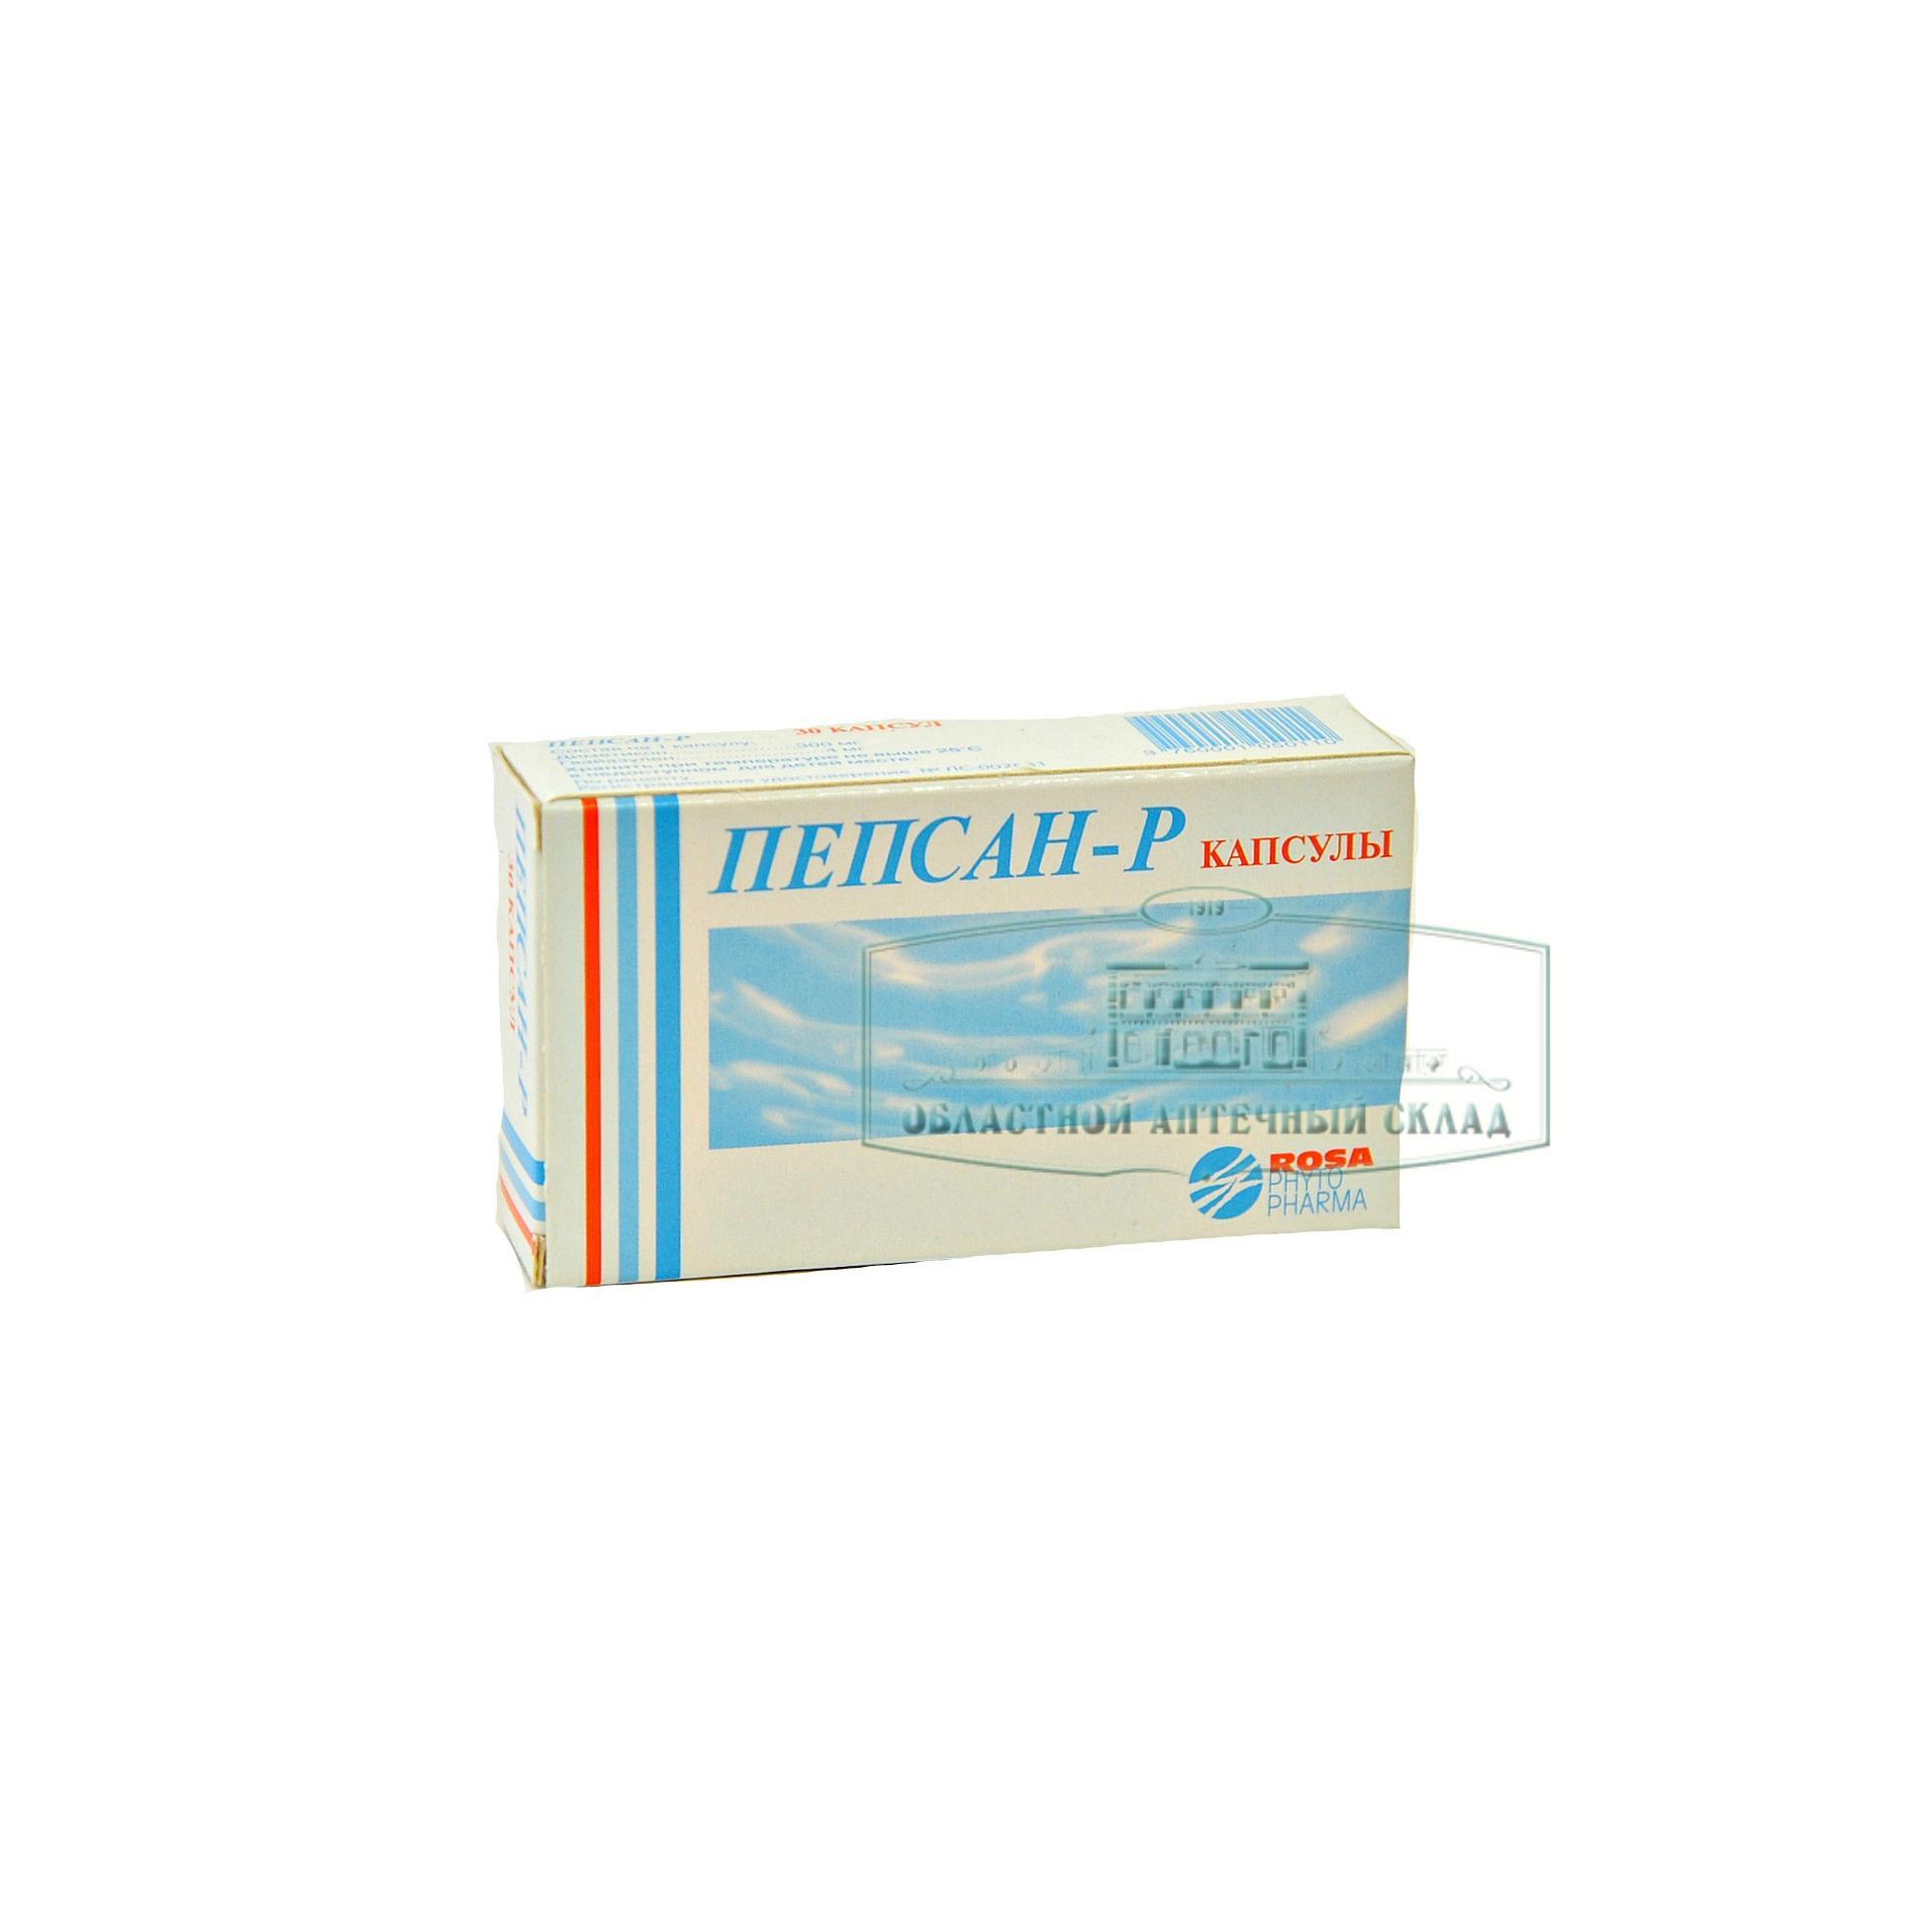 Терапевт для беременных платно спб 48